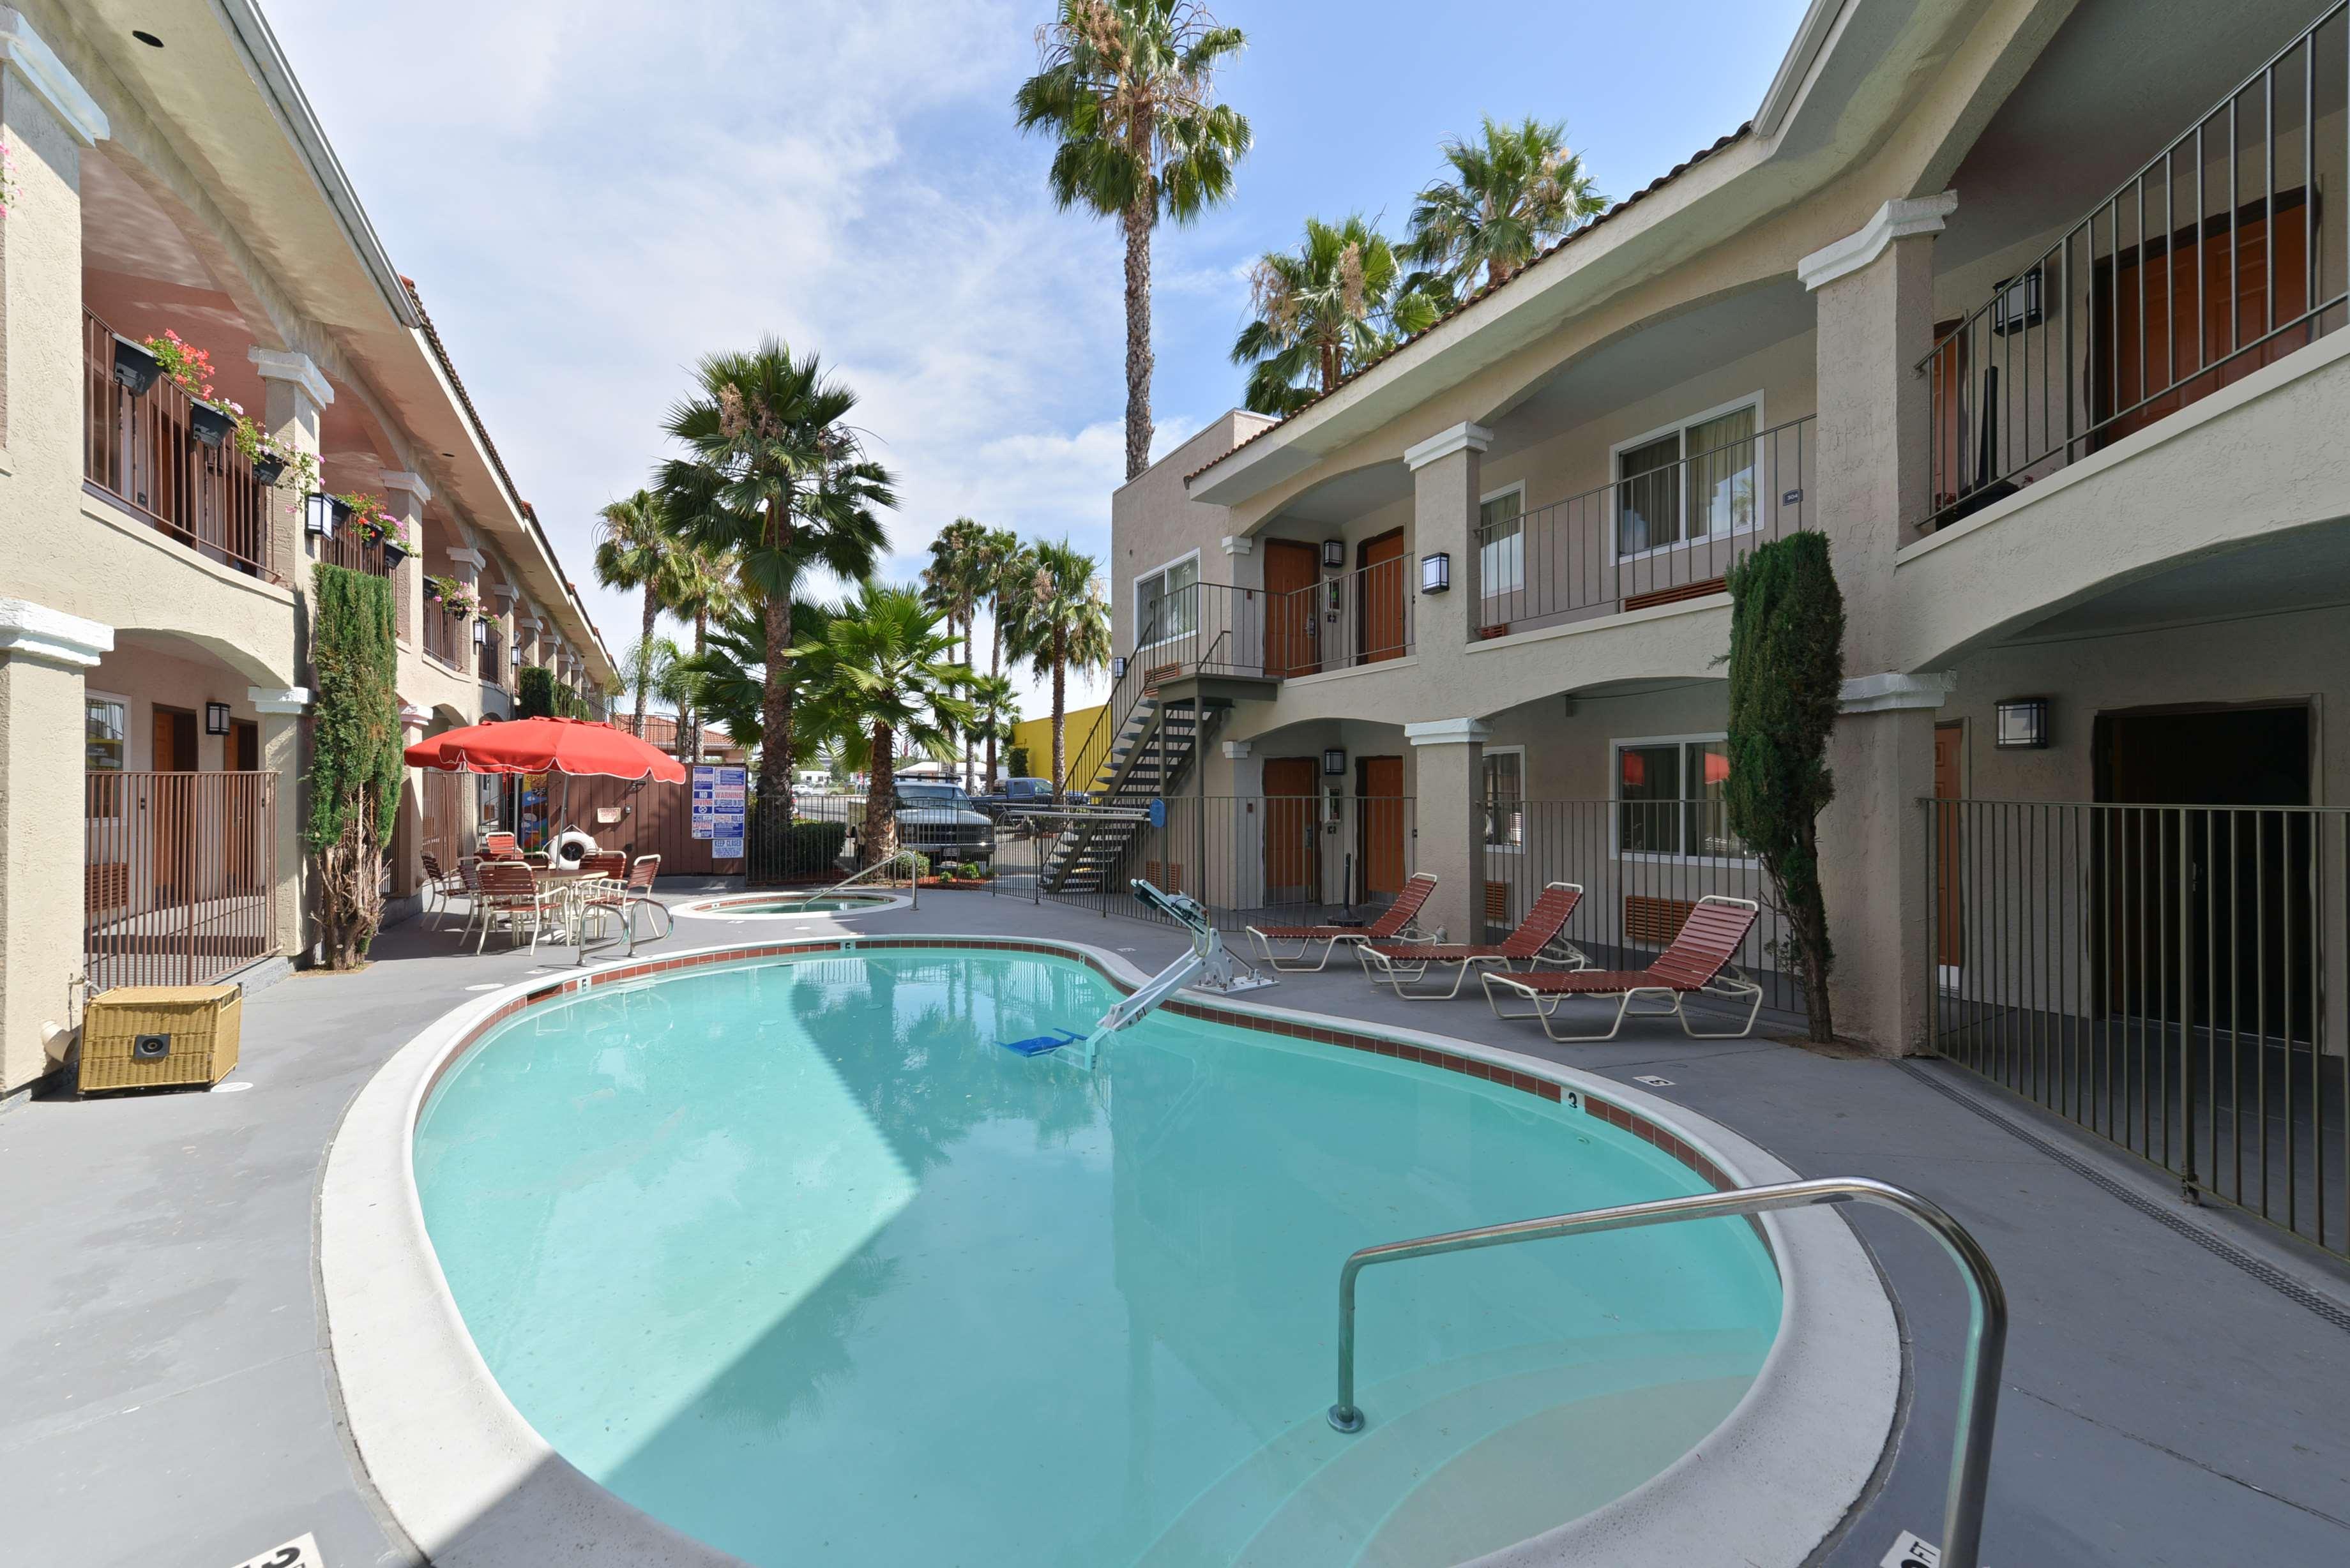 Best Western Santee Lodge image 36